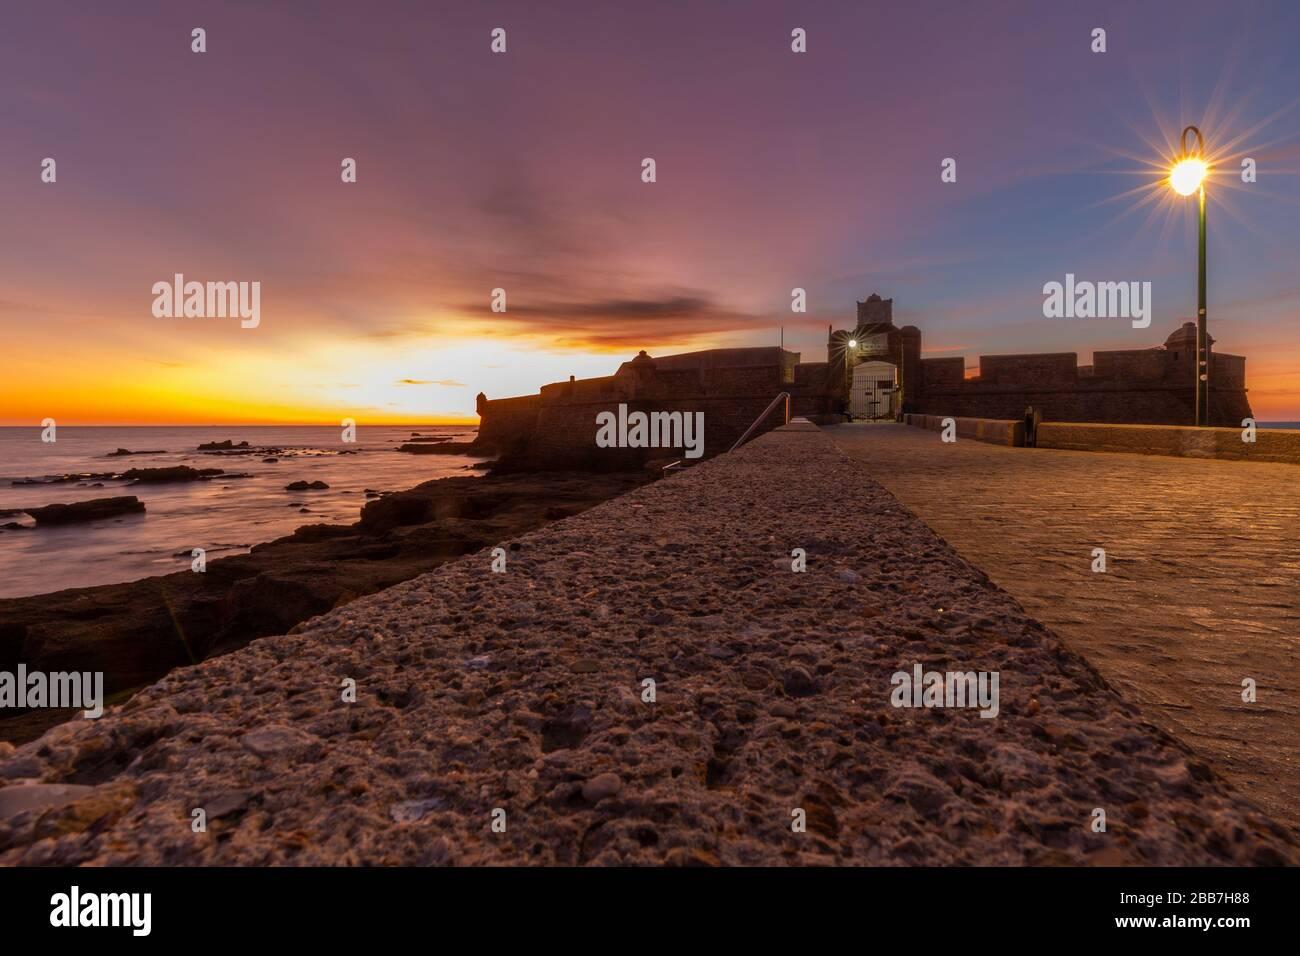 Coucher de soleil au Castillo de San Sebastian à Cadix, Andalousie, Espagne. Banque D'Images